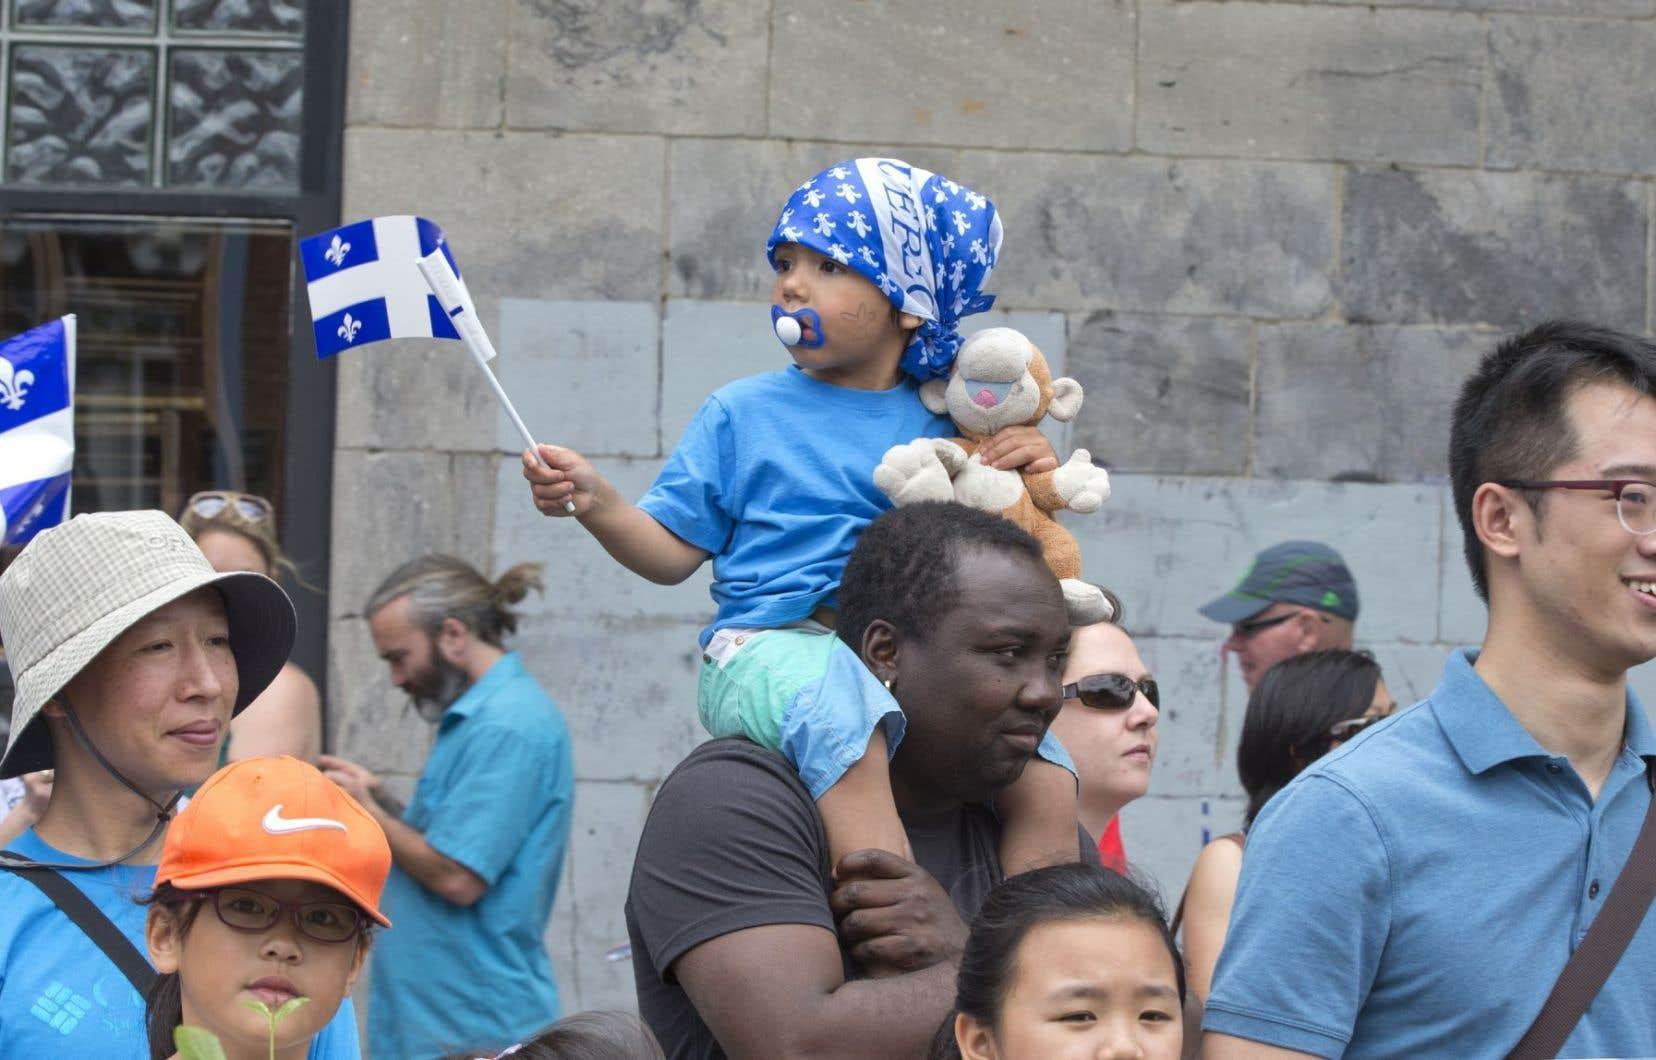 Le nationalisme québécois, jadis si ouvert et si riche, semble s'effriter, estiment les auteurs.